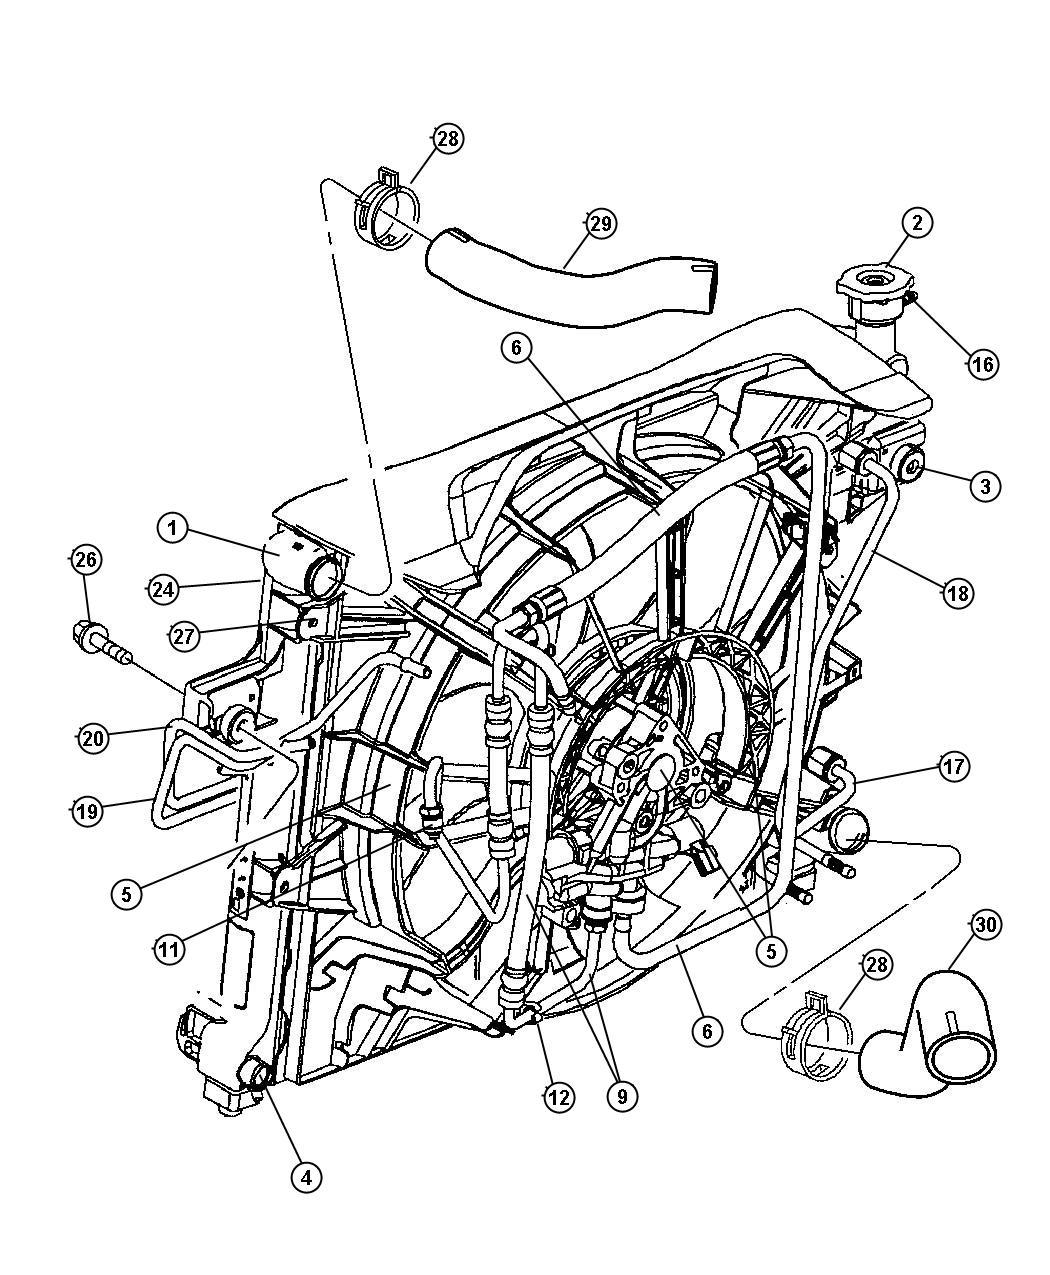 Chrysler Sebring Radiator Engine Cooling Related